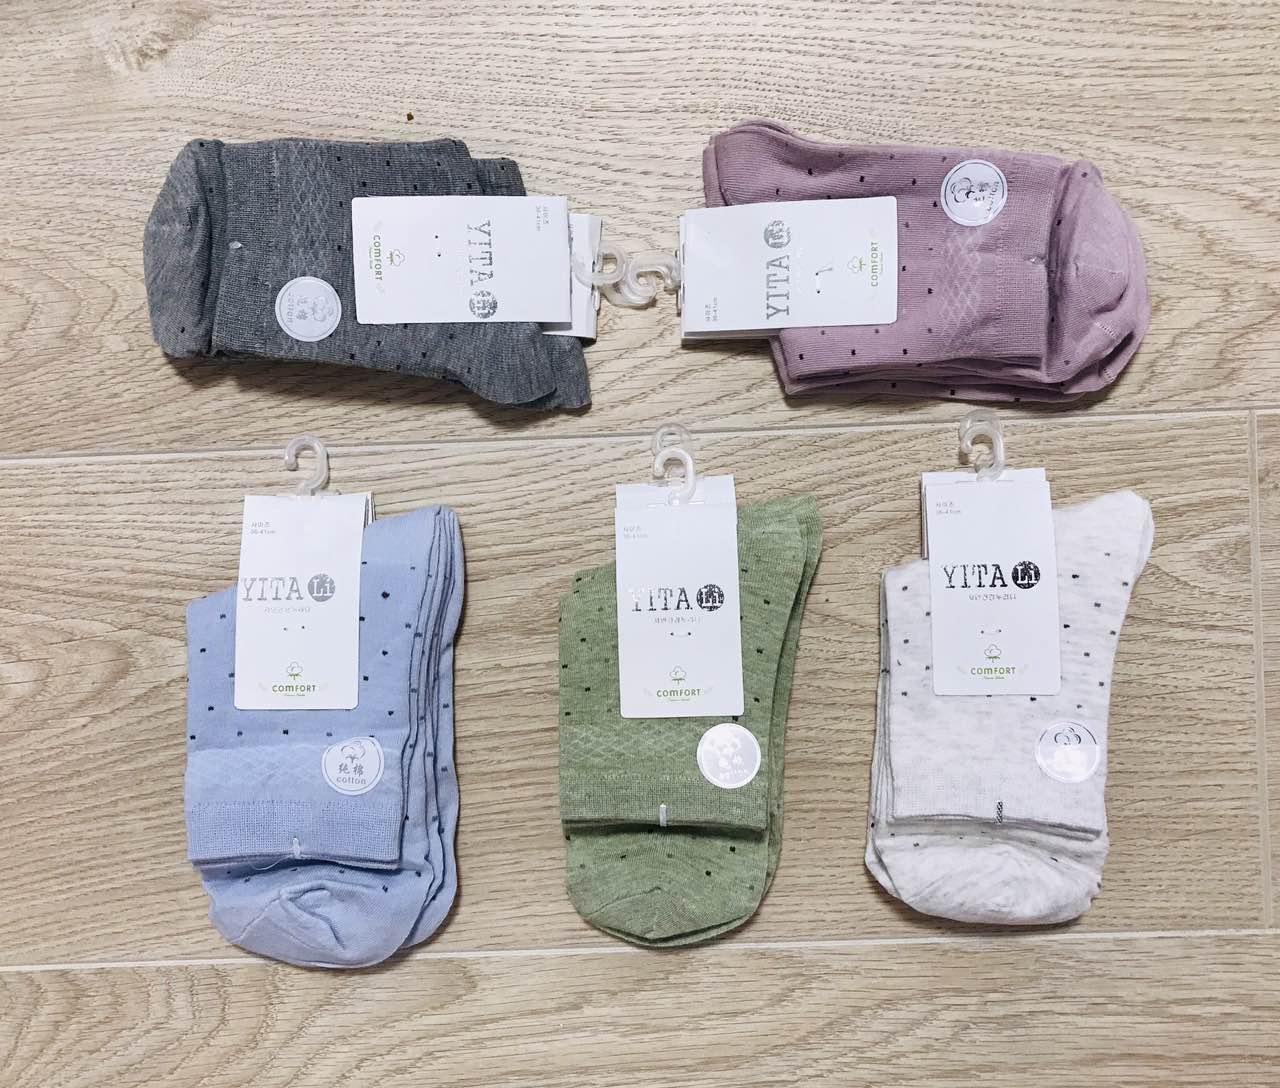 Шкарпетки жіночі демісезонні бавовна YITALI розмір 37-42 асорті